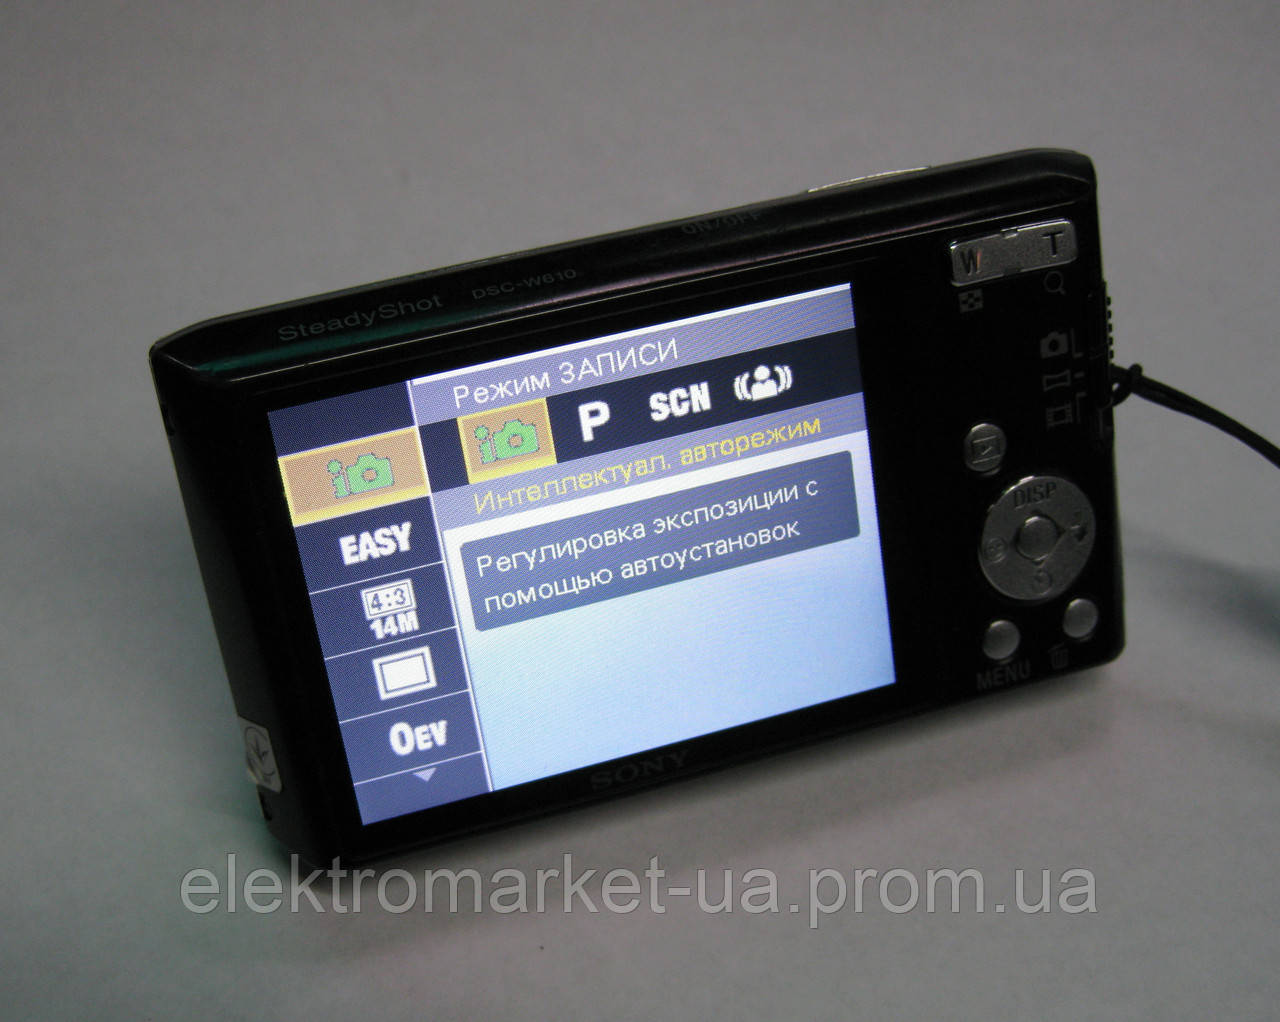 Цифровой фотоаппарат Sony DSC-W610 Cyber-shot на IZI.ua (1013093) | 1022x1280